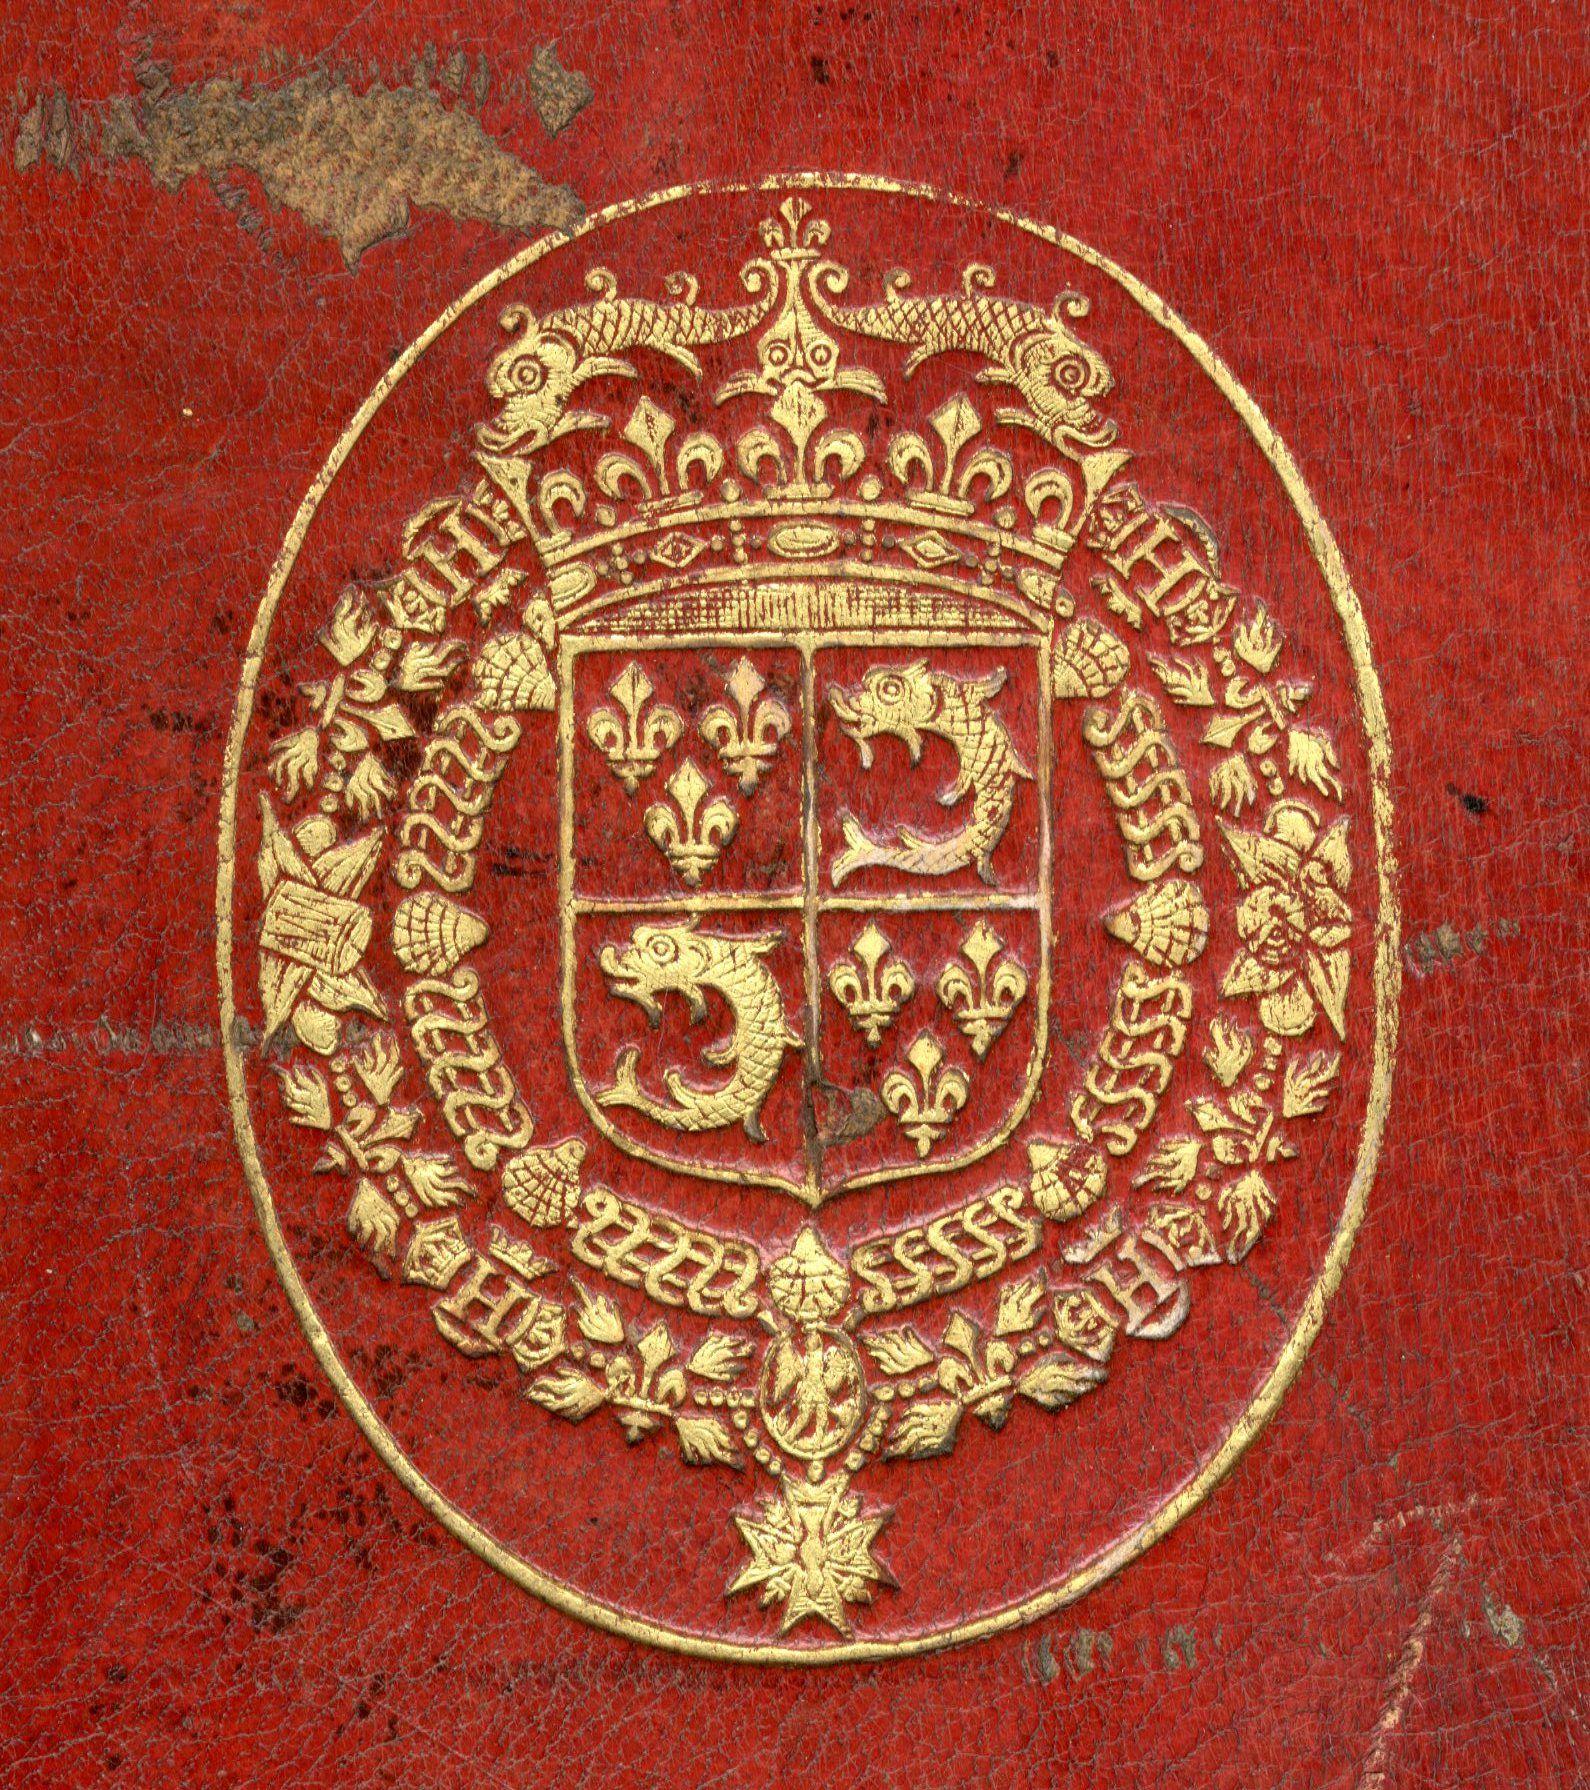 Reliure Aux Armes De Louis Grand Dauphin De France 1661 1711 Ecartele Aux 1 Et 4 De France Aux 2 Et 3 D Azur Au Dauph Grand Dauphin Reliure Saint Esprit